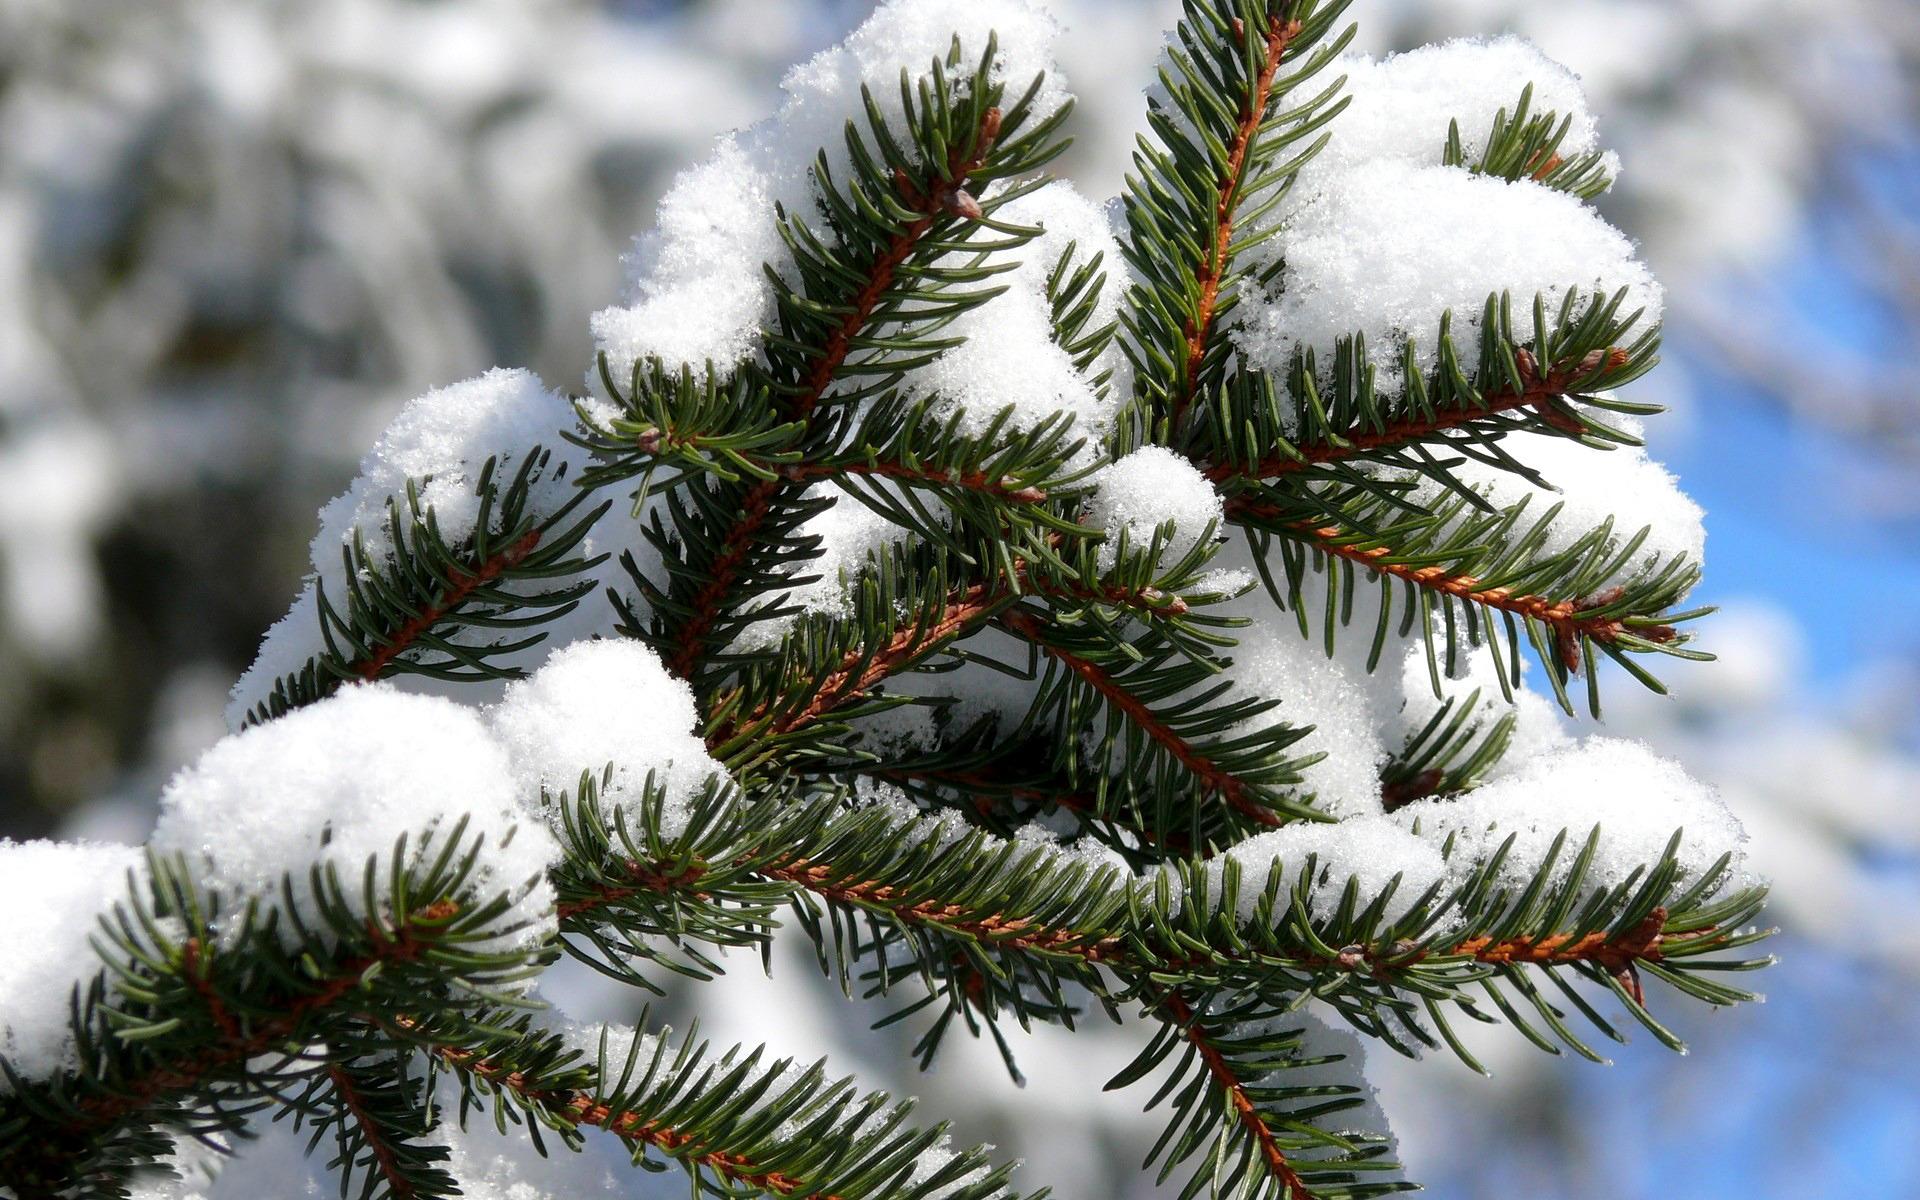 этом картинки на рабочий стол снег на елках чем